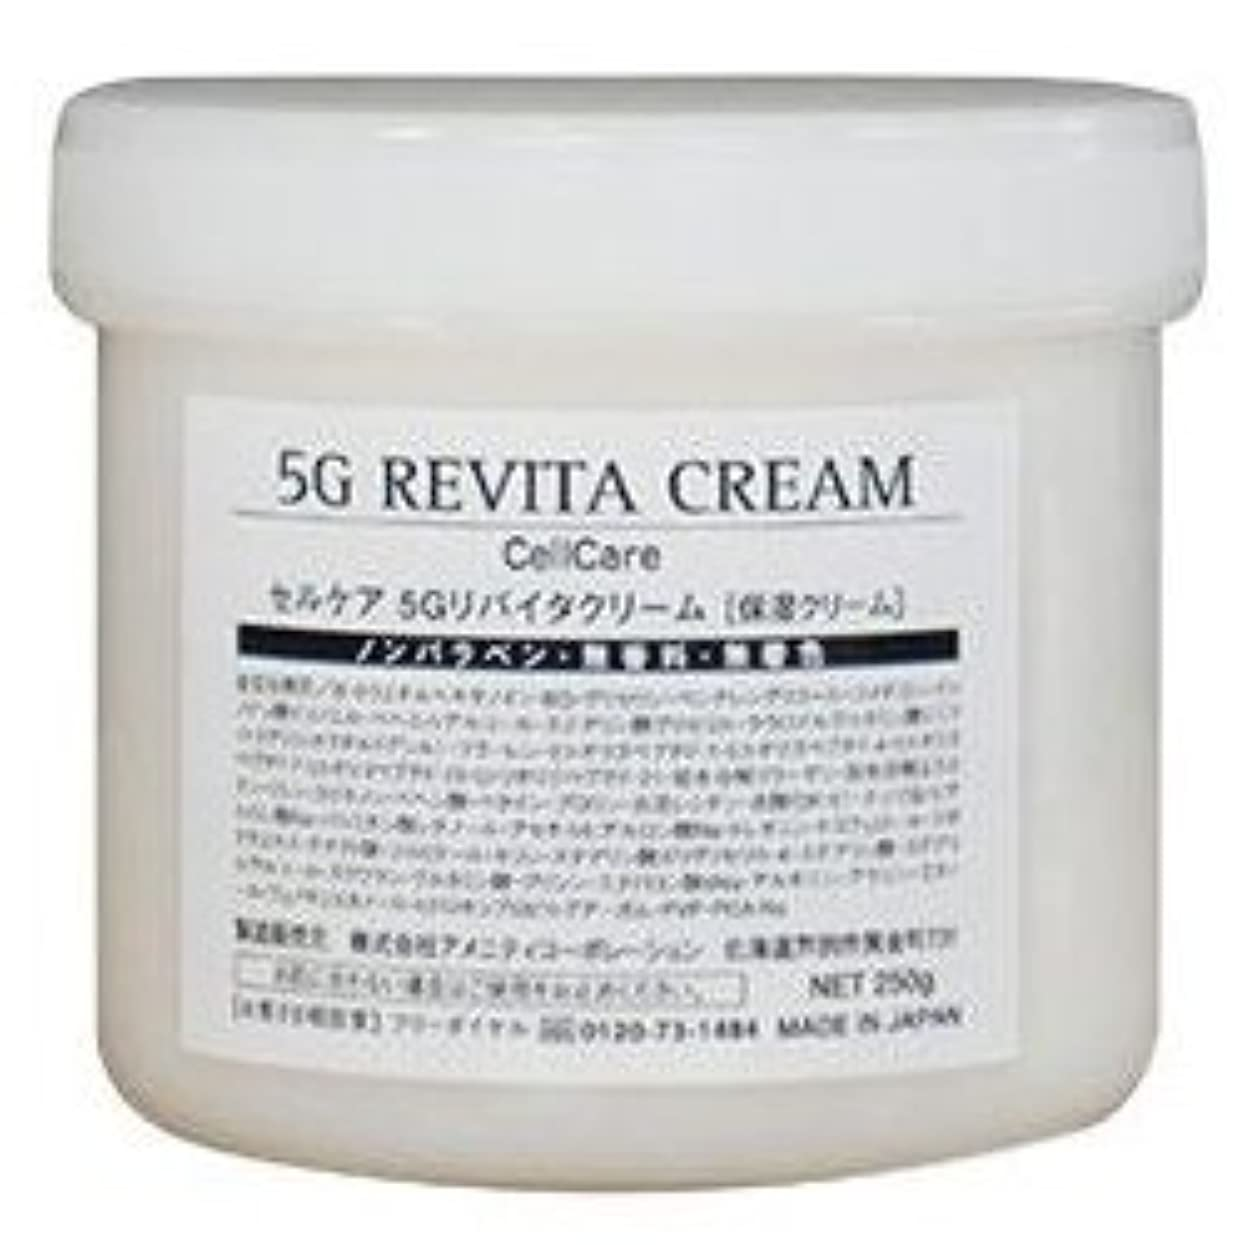 緩める専門知識入場料セルケアGF プレミアム 5Gリバイタルクリーム 保湿クリーム お徳用250g